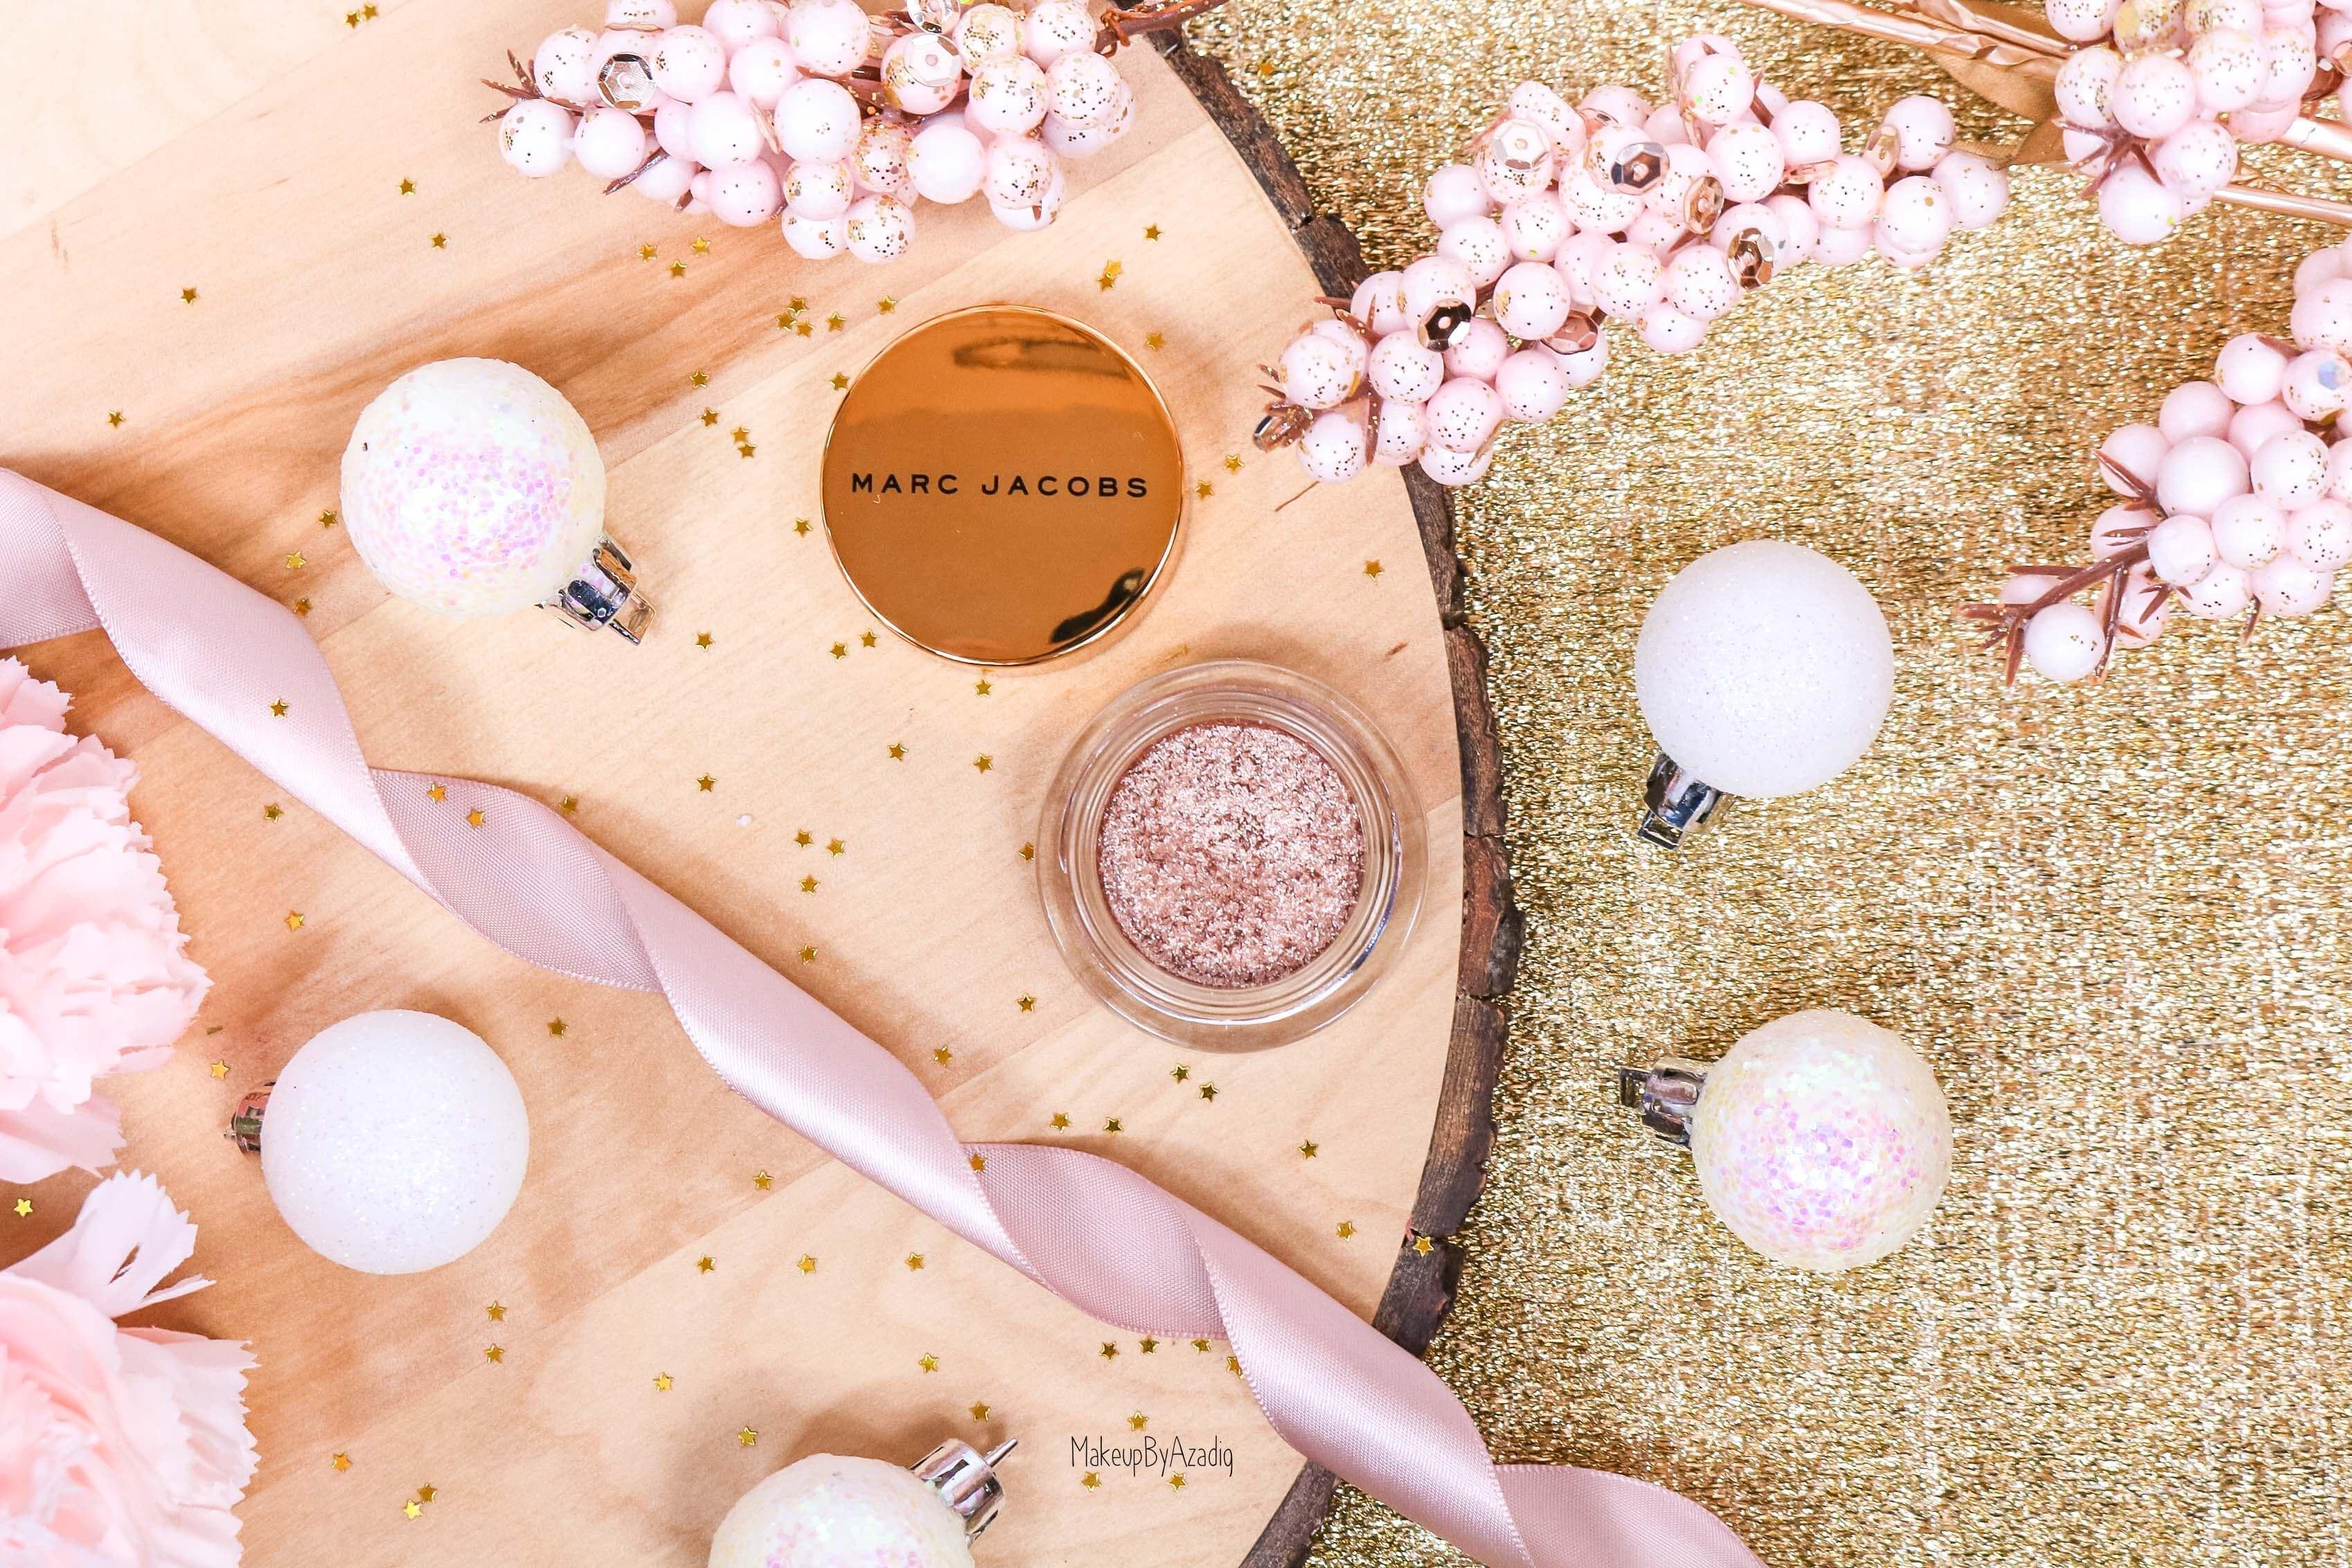 revue-fard-paupieres-paillete-marc-jacobs-beauty-gleam-girl-makeupbyazadig-avis-prix-swatch-sephora